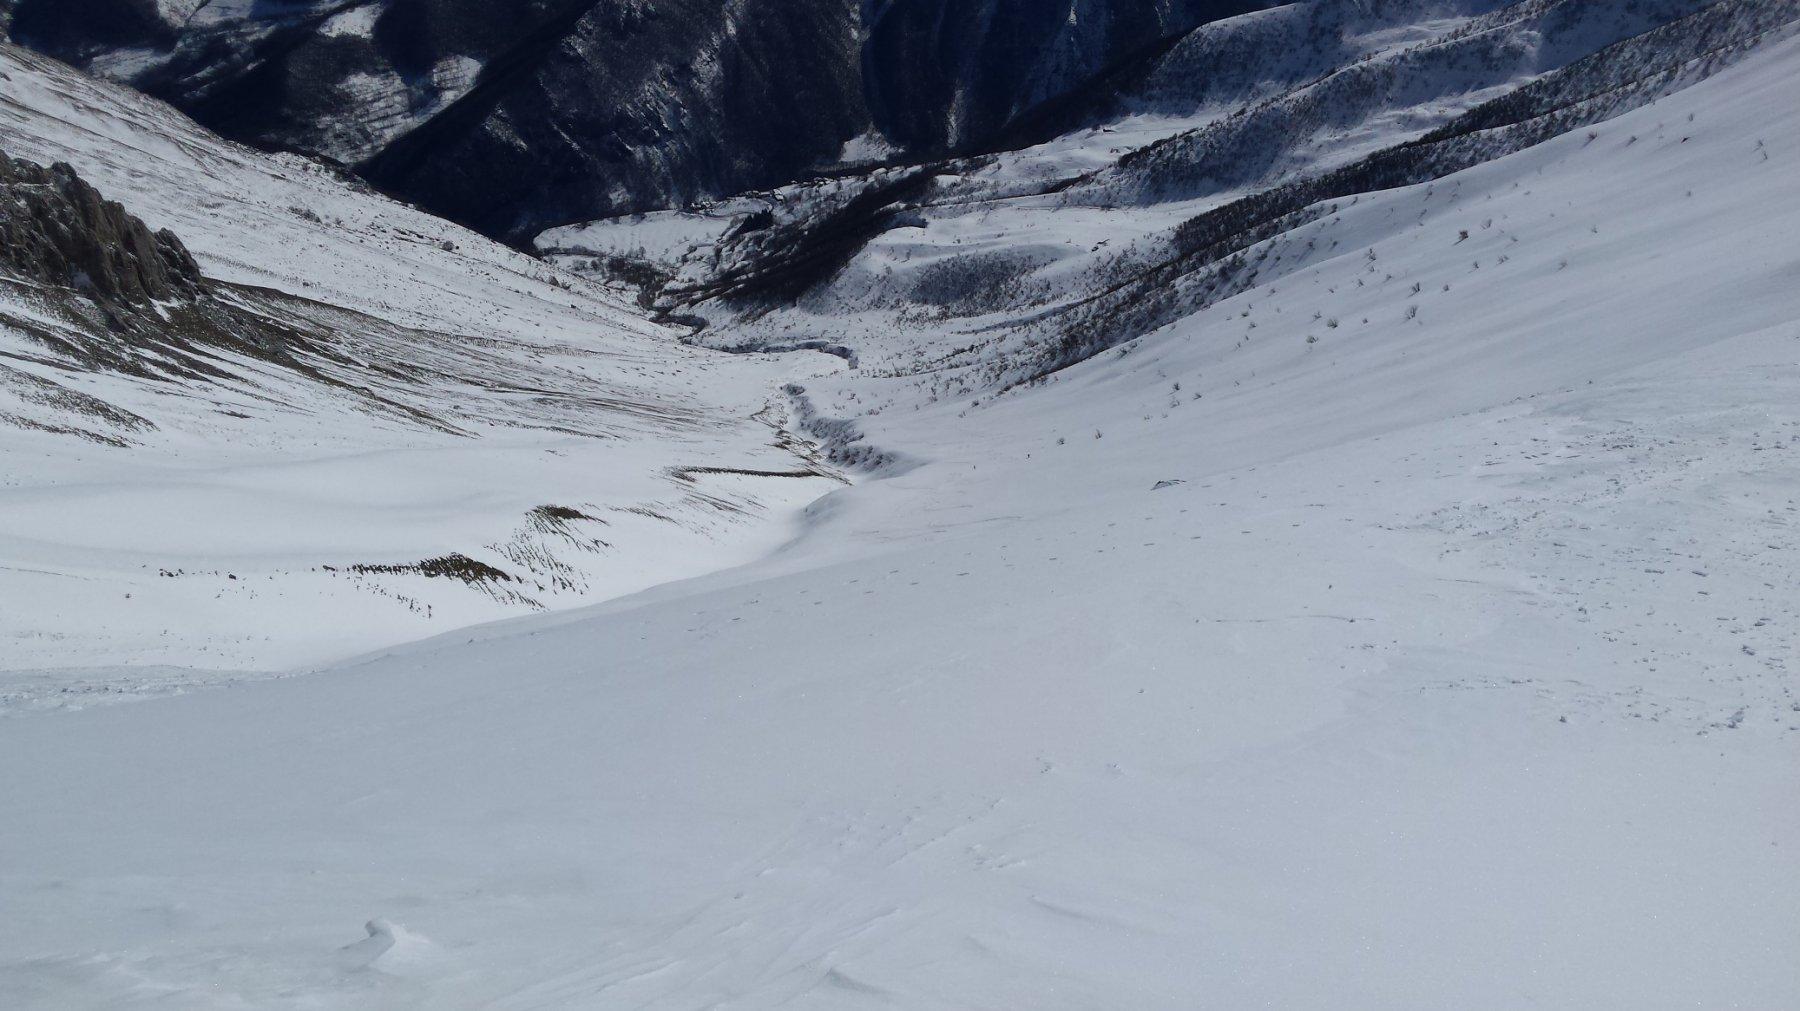 versante opposto del monte (Palanfrè)